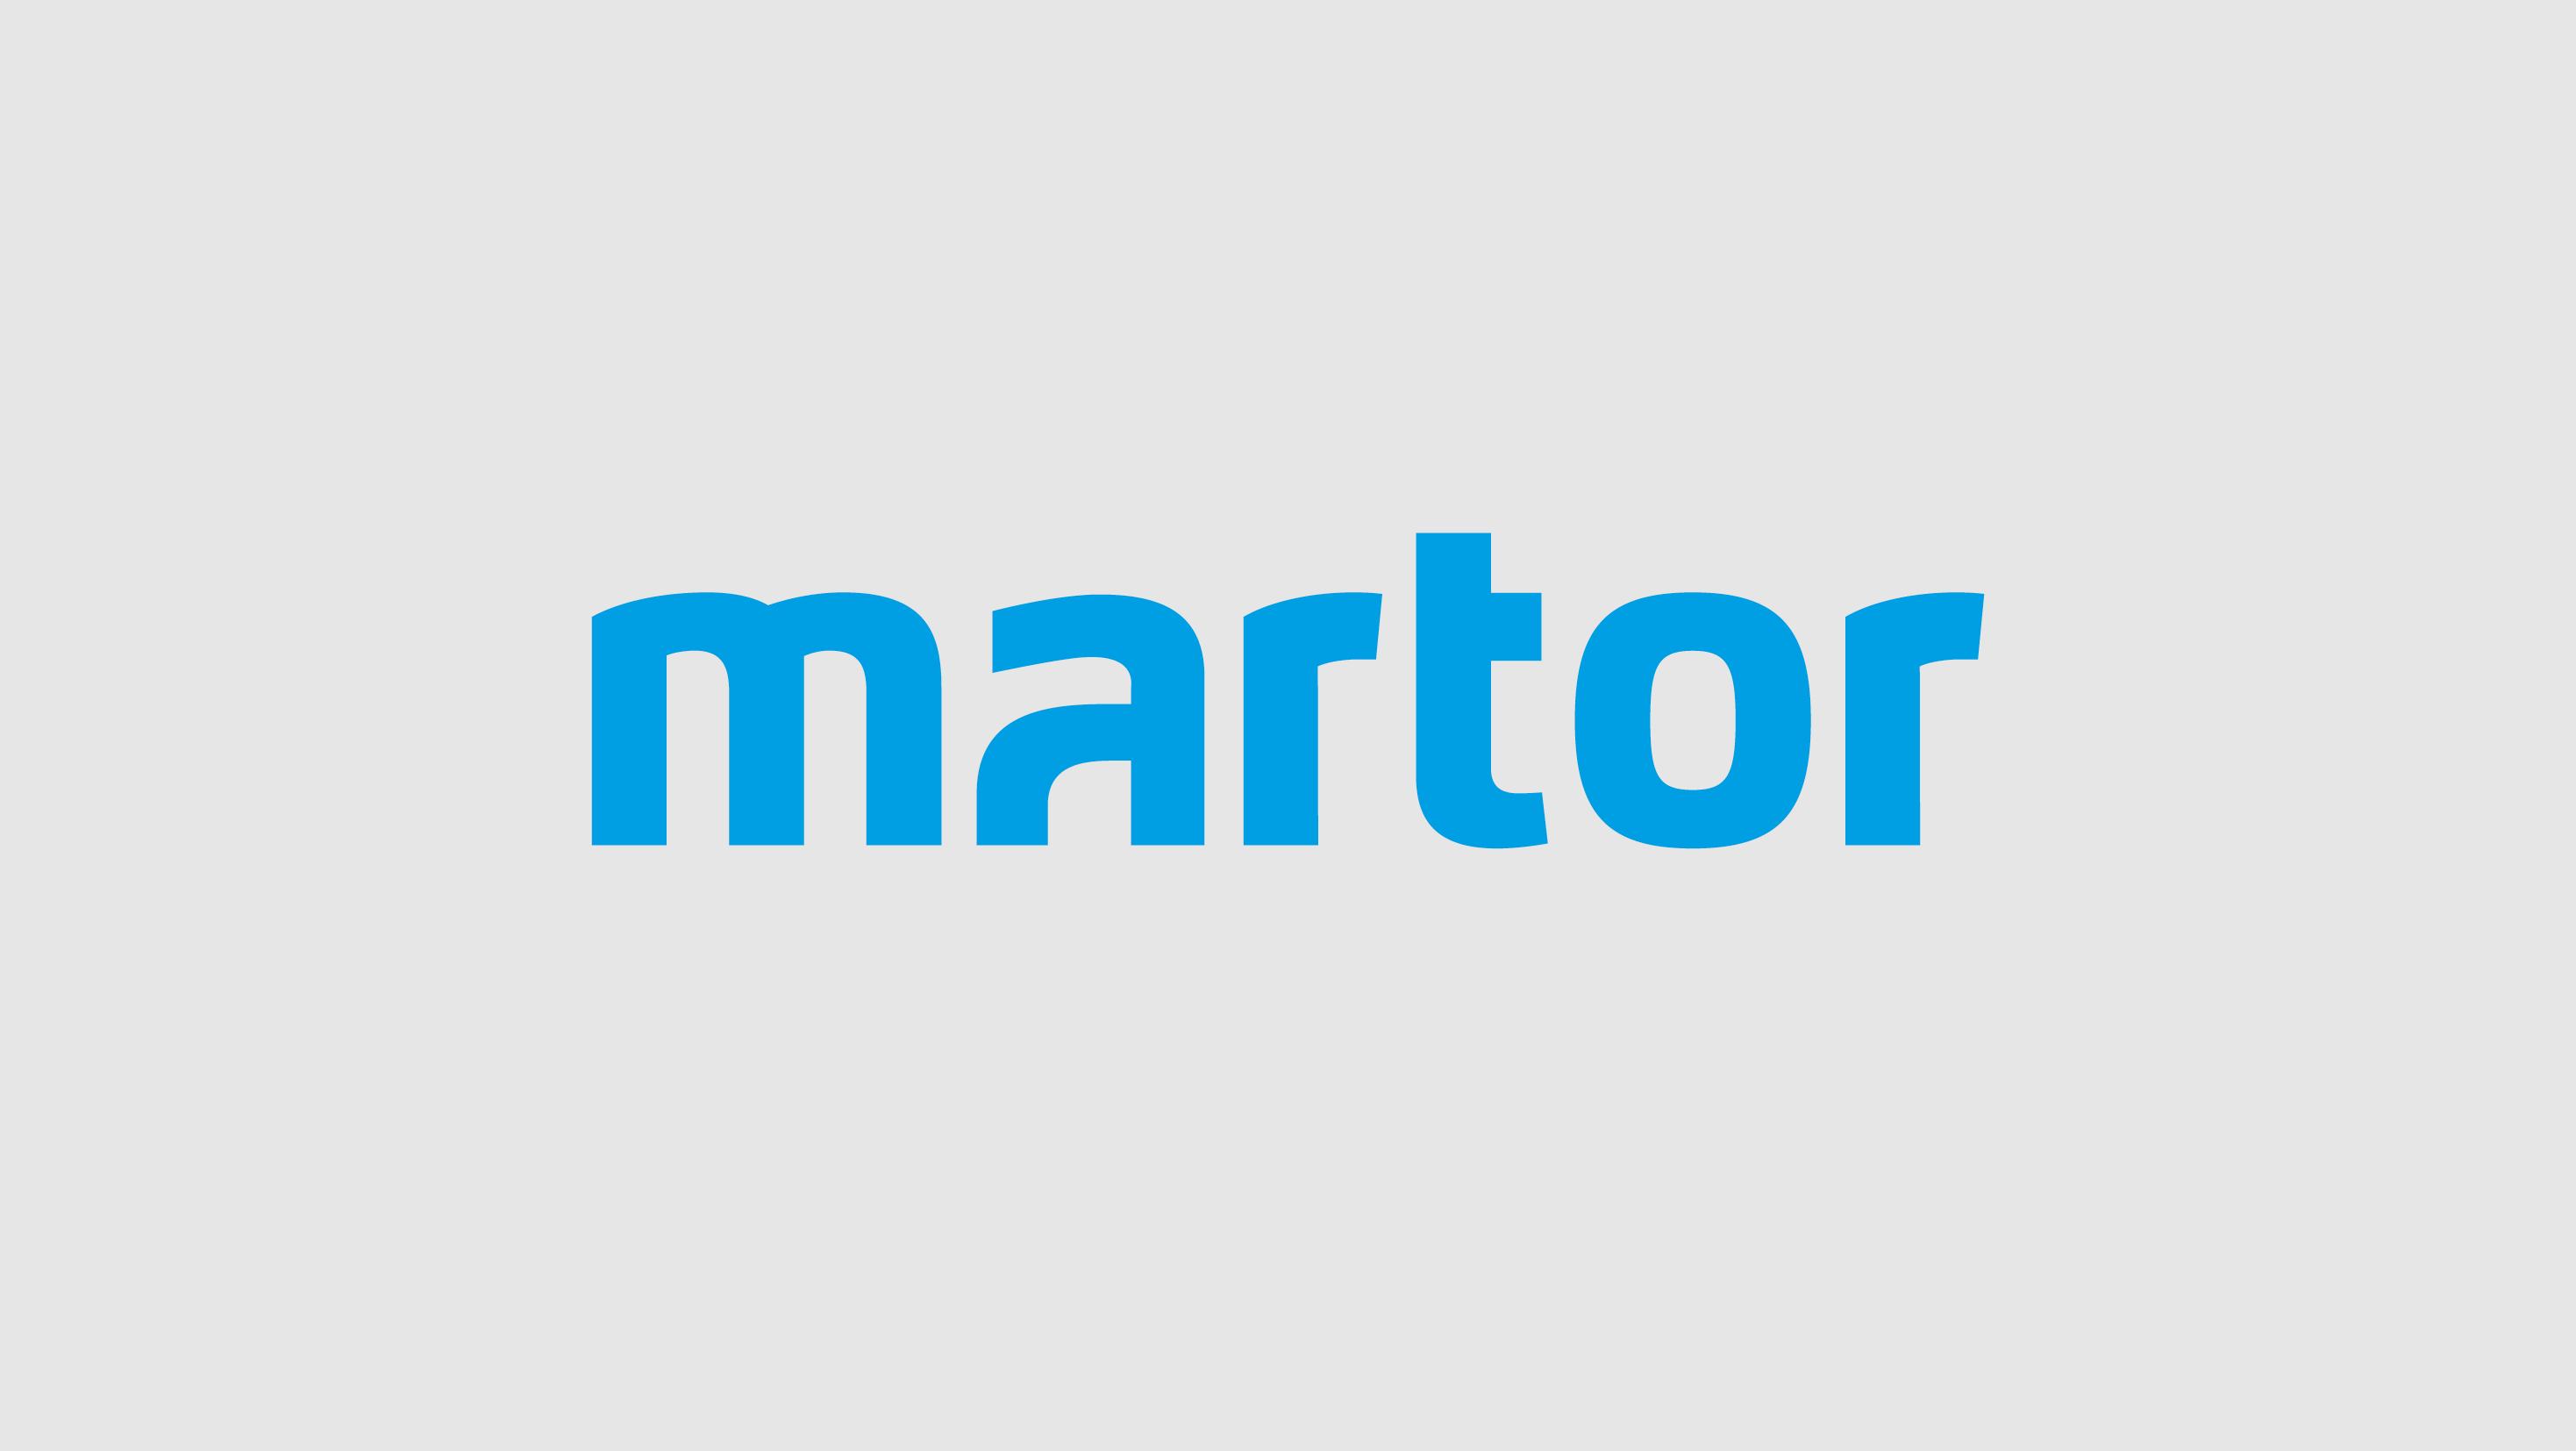 martor_1